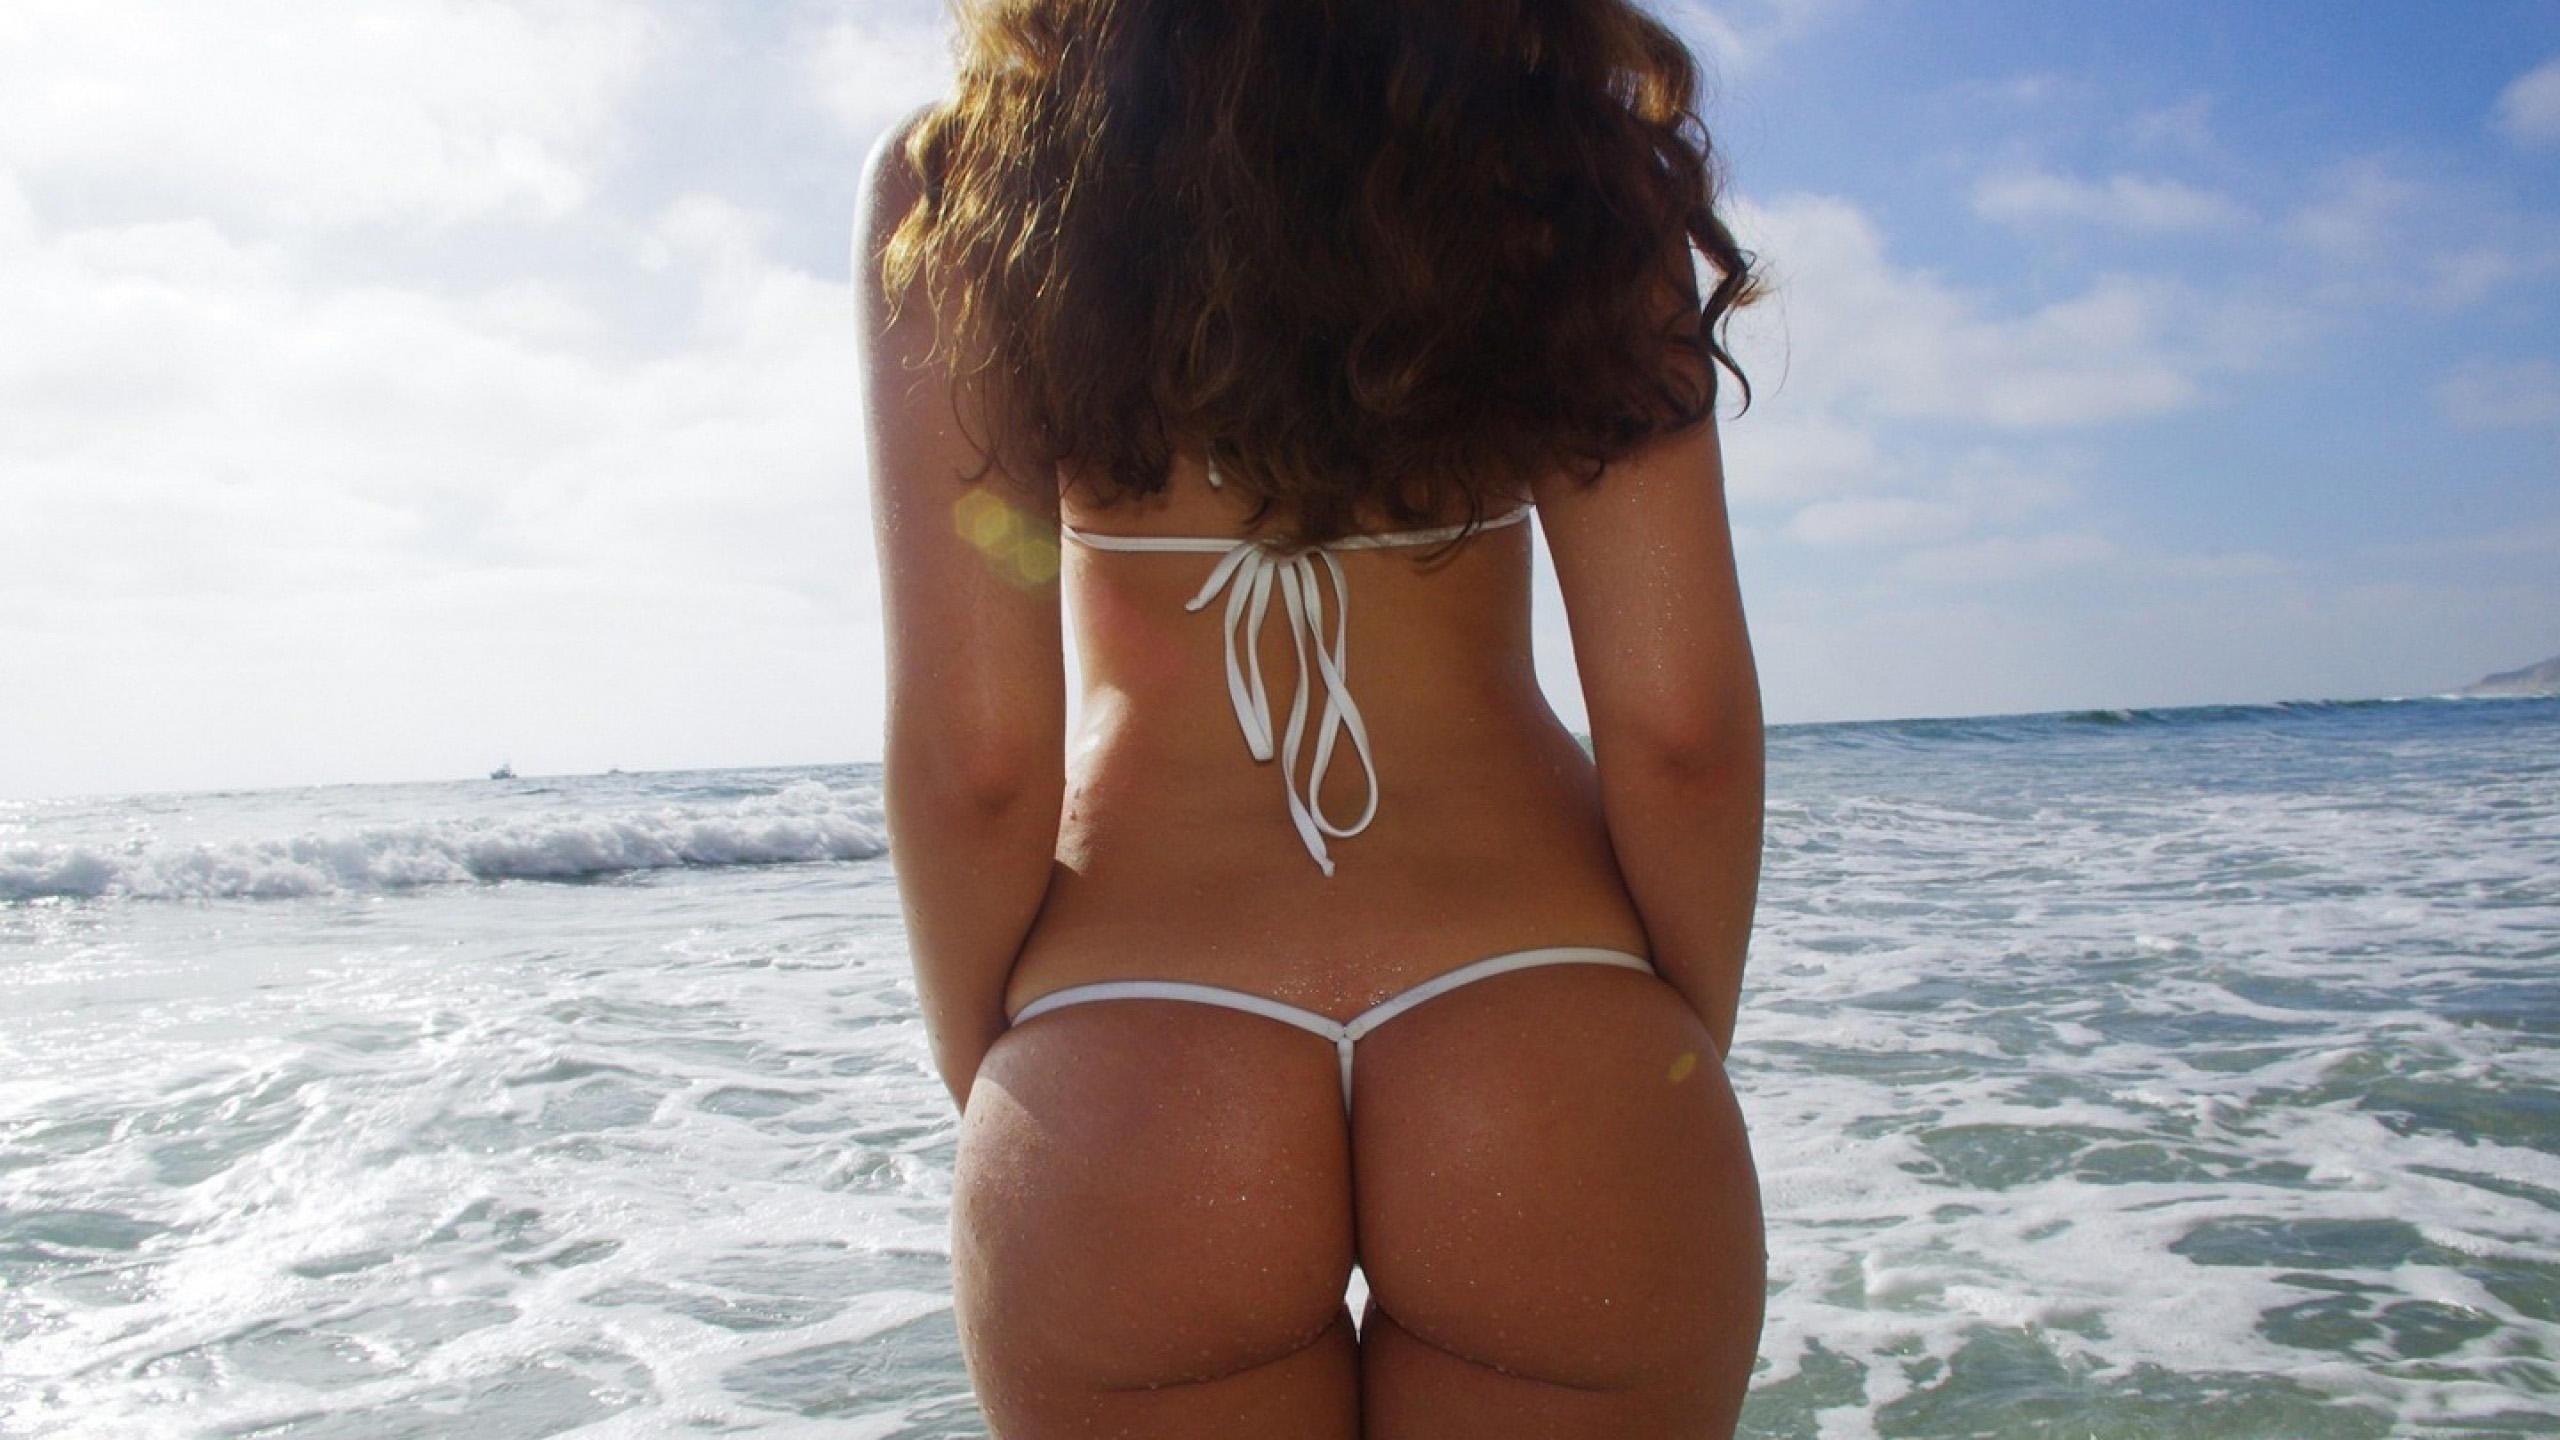 Круглые красивые попки на фото, видео девушки без трусиков крупным планом